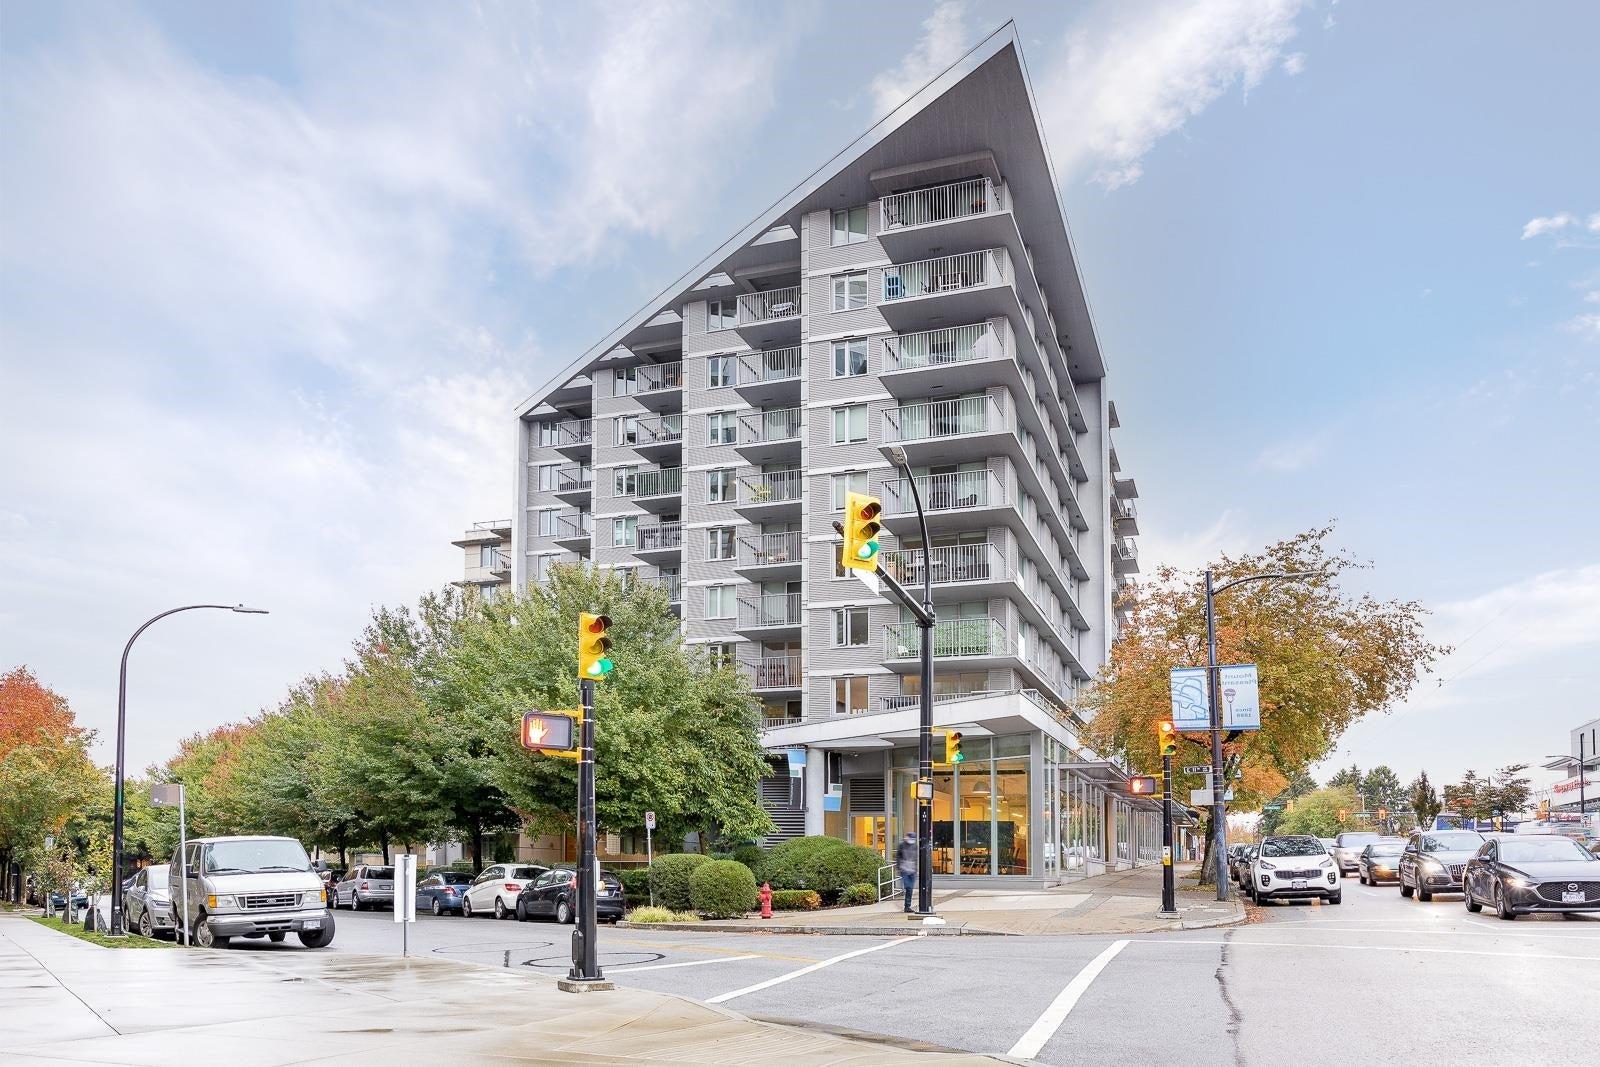 604 328 E 11TH AVENUE - Mount Pleasant VE Apartment/Condo for sale, 1 Bedroom (R2622572) - #1